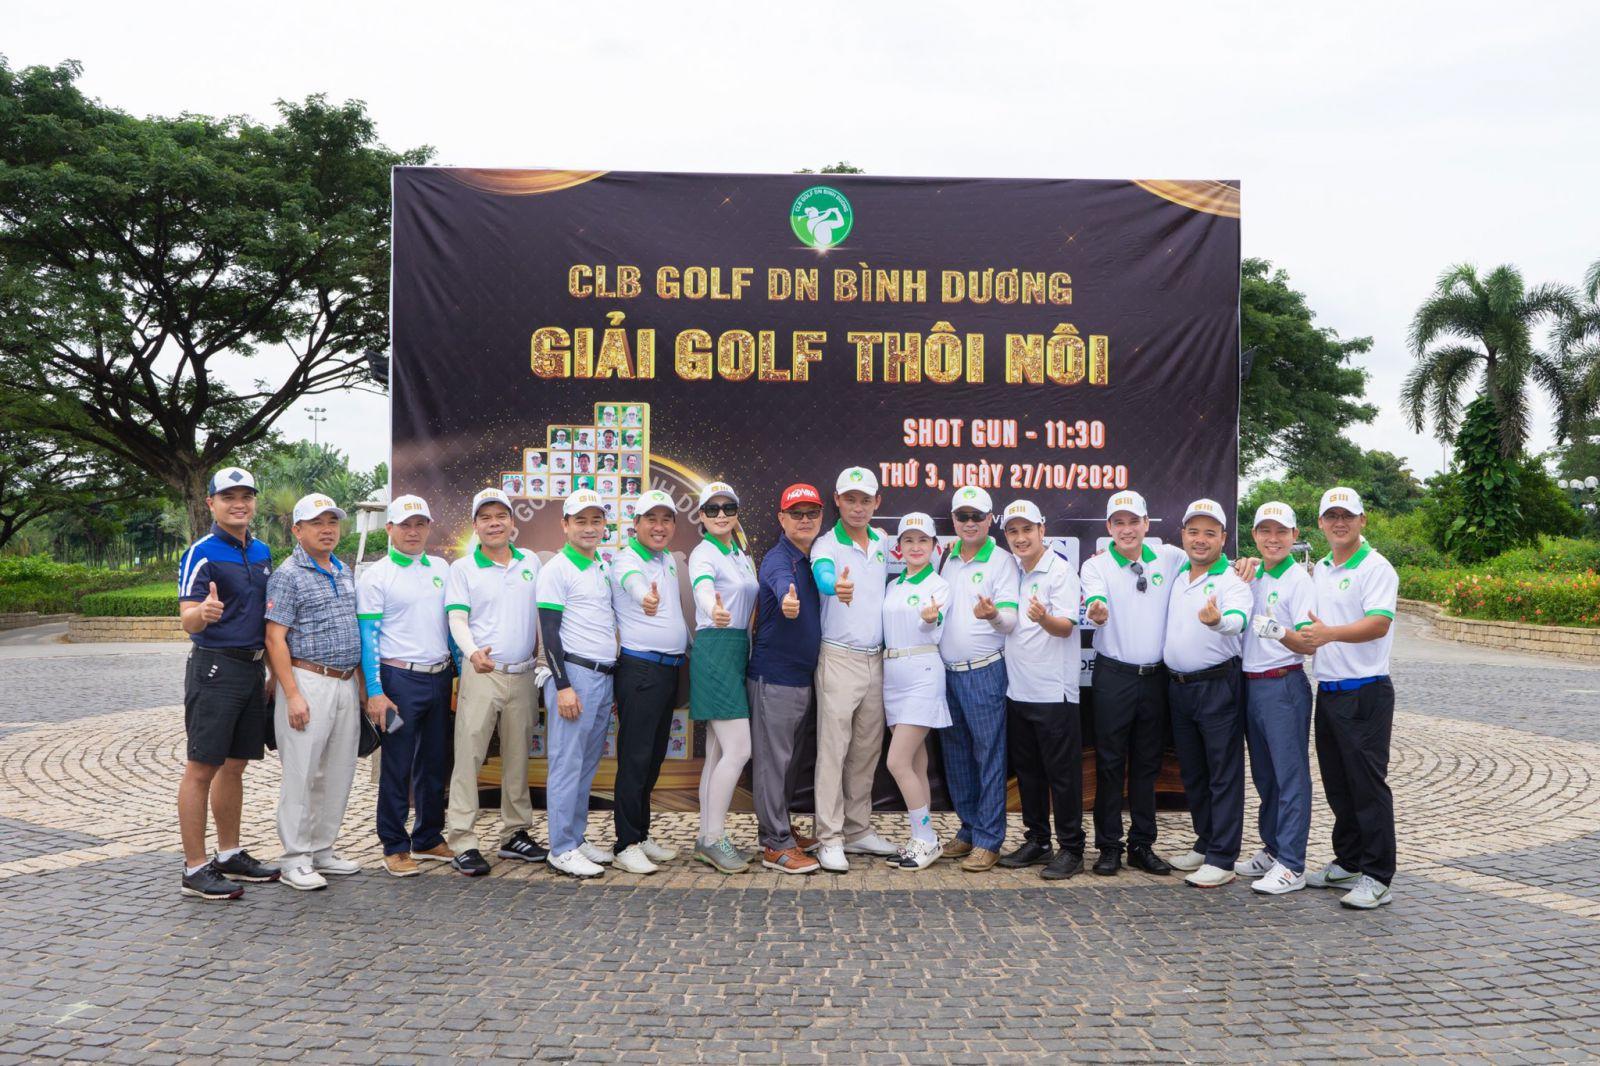 Giải Golf Thôi Nôi - Mừng Sinh nhật 1 tuổi của CLB Golf Doanh Nhân Bình Dương